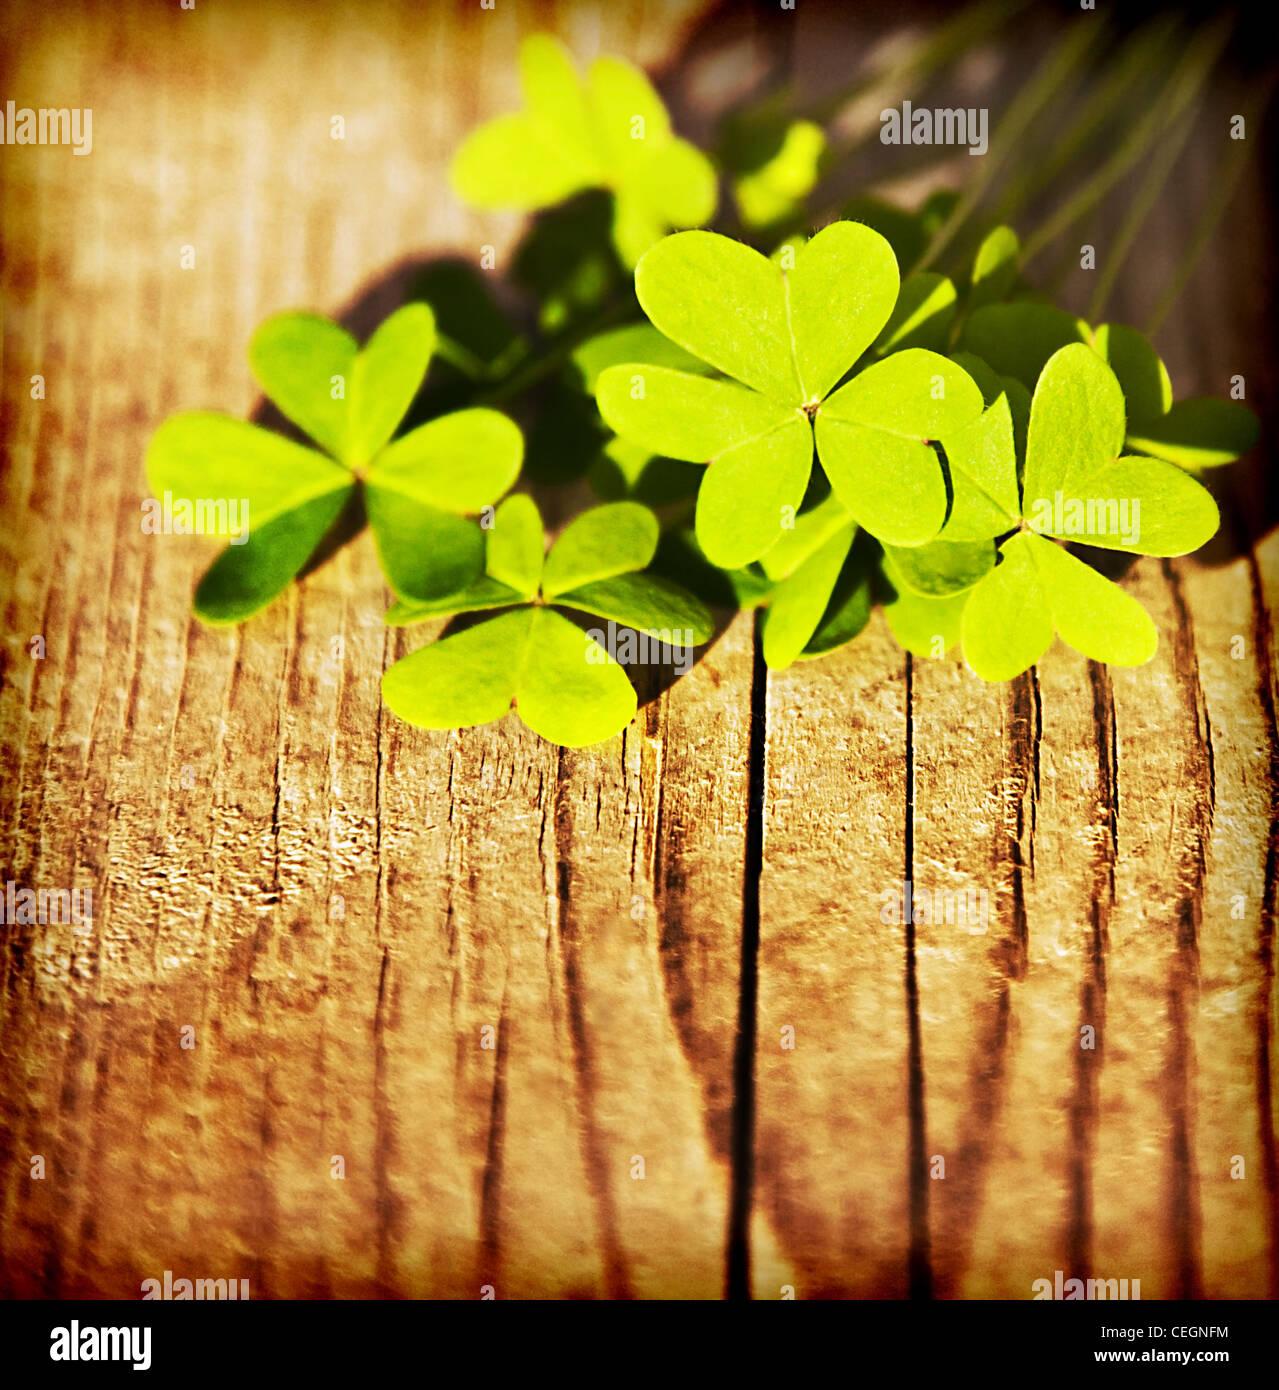 Frischen Klee Blätter über hölzerne Hintergrund, grüne Frühling Blumen Grenze, lucky Shamrock, Stockbild